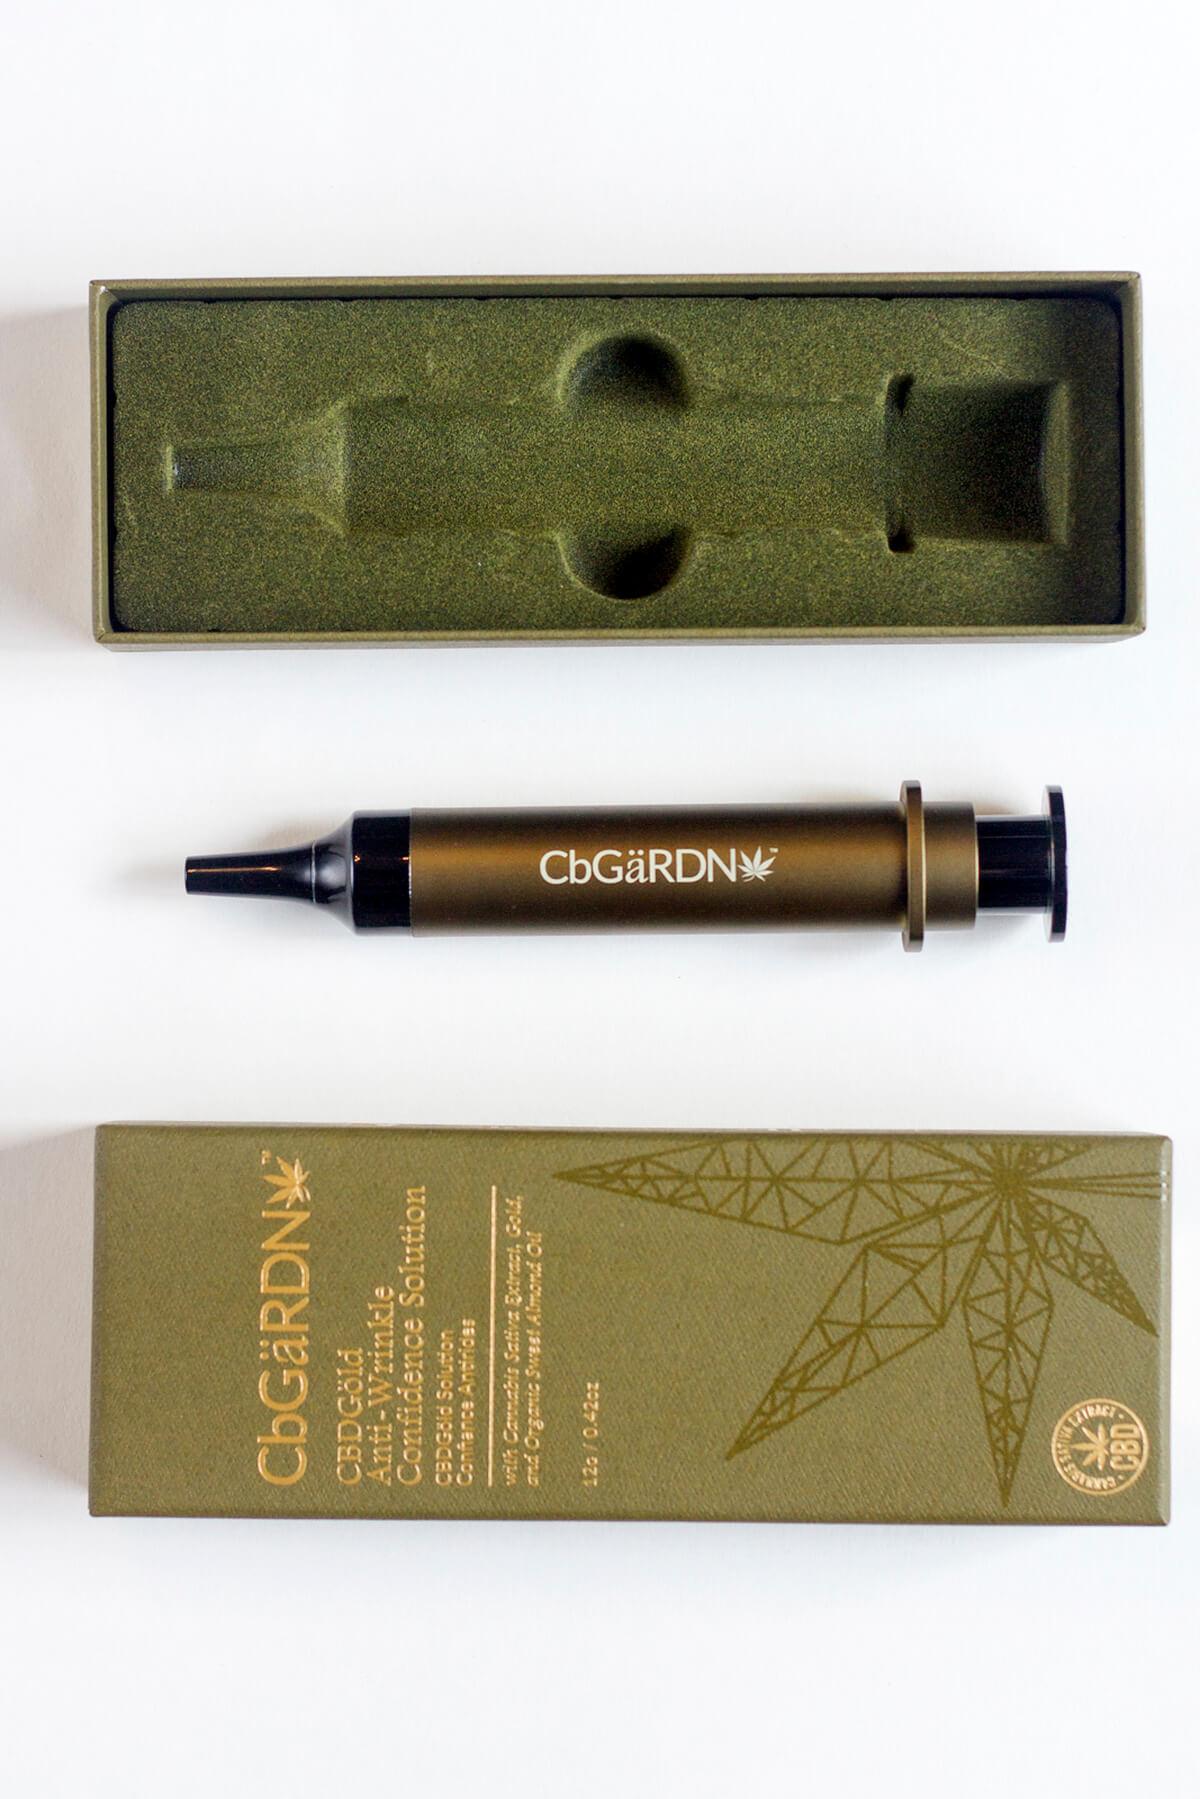 CbGaRDN syringe